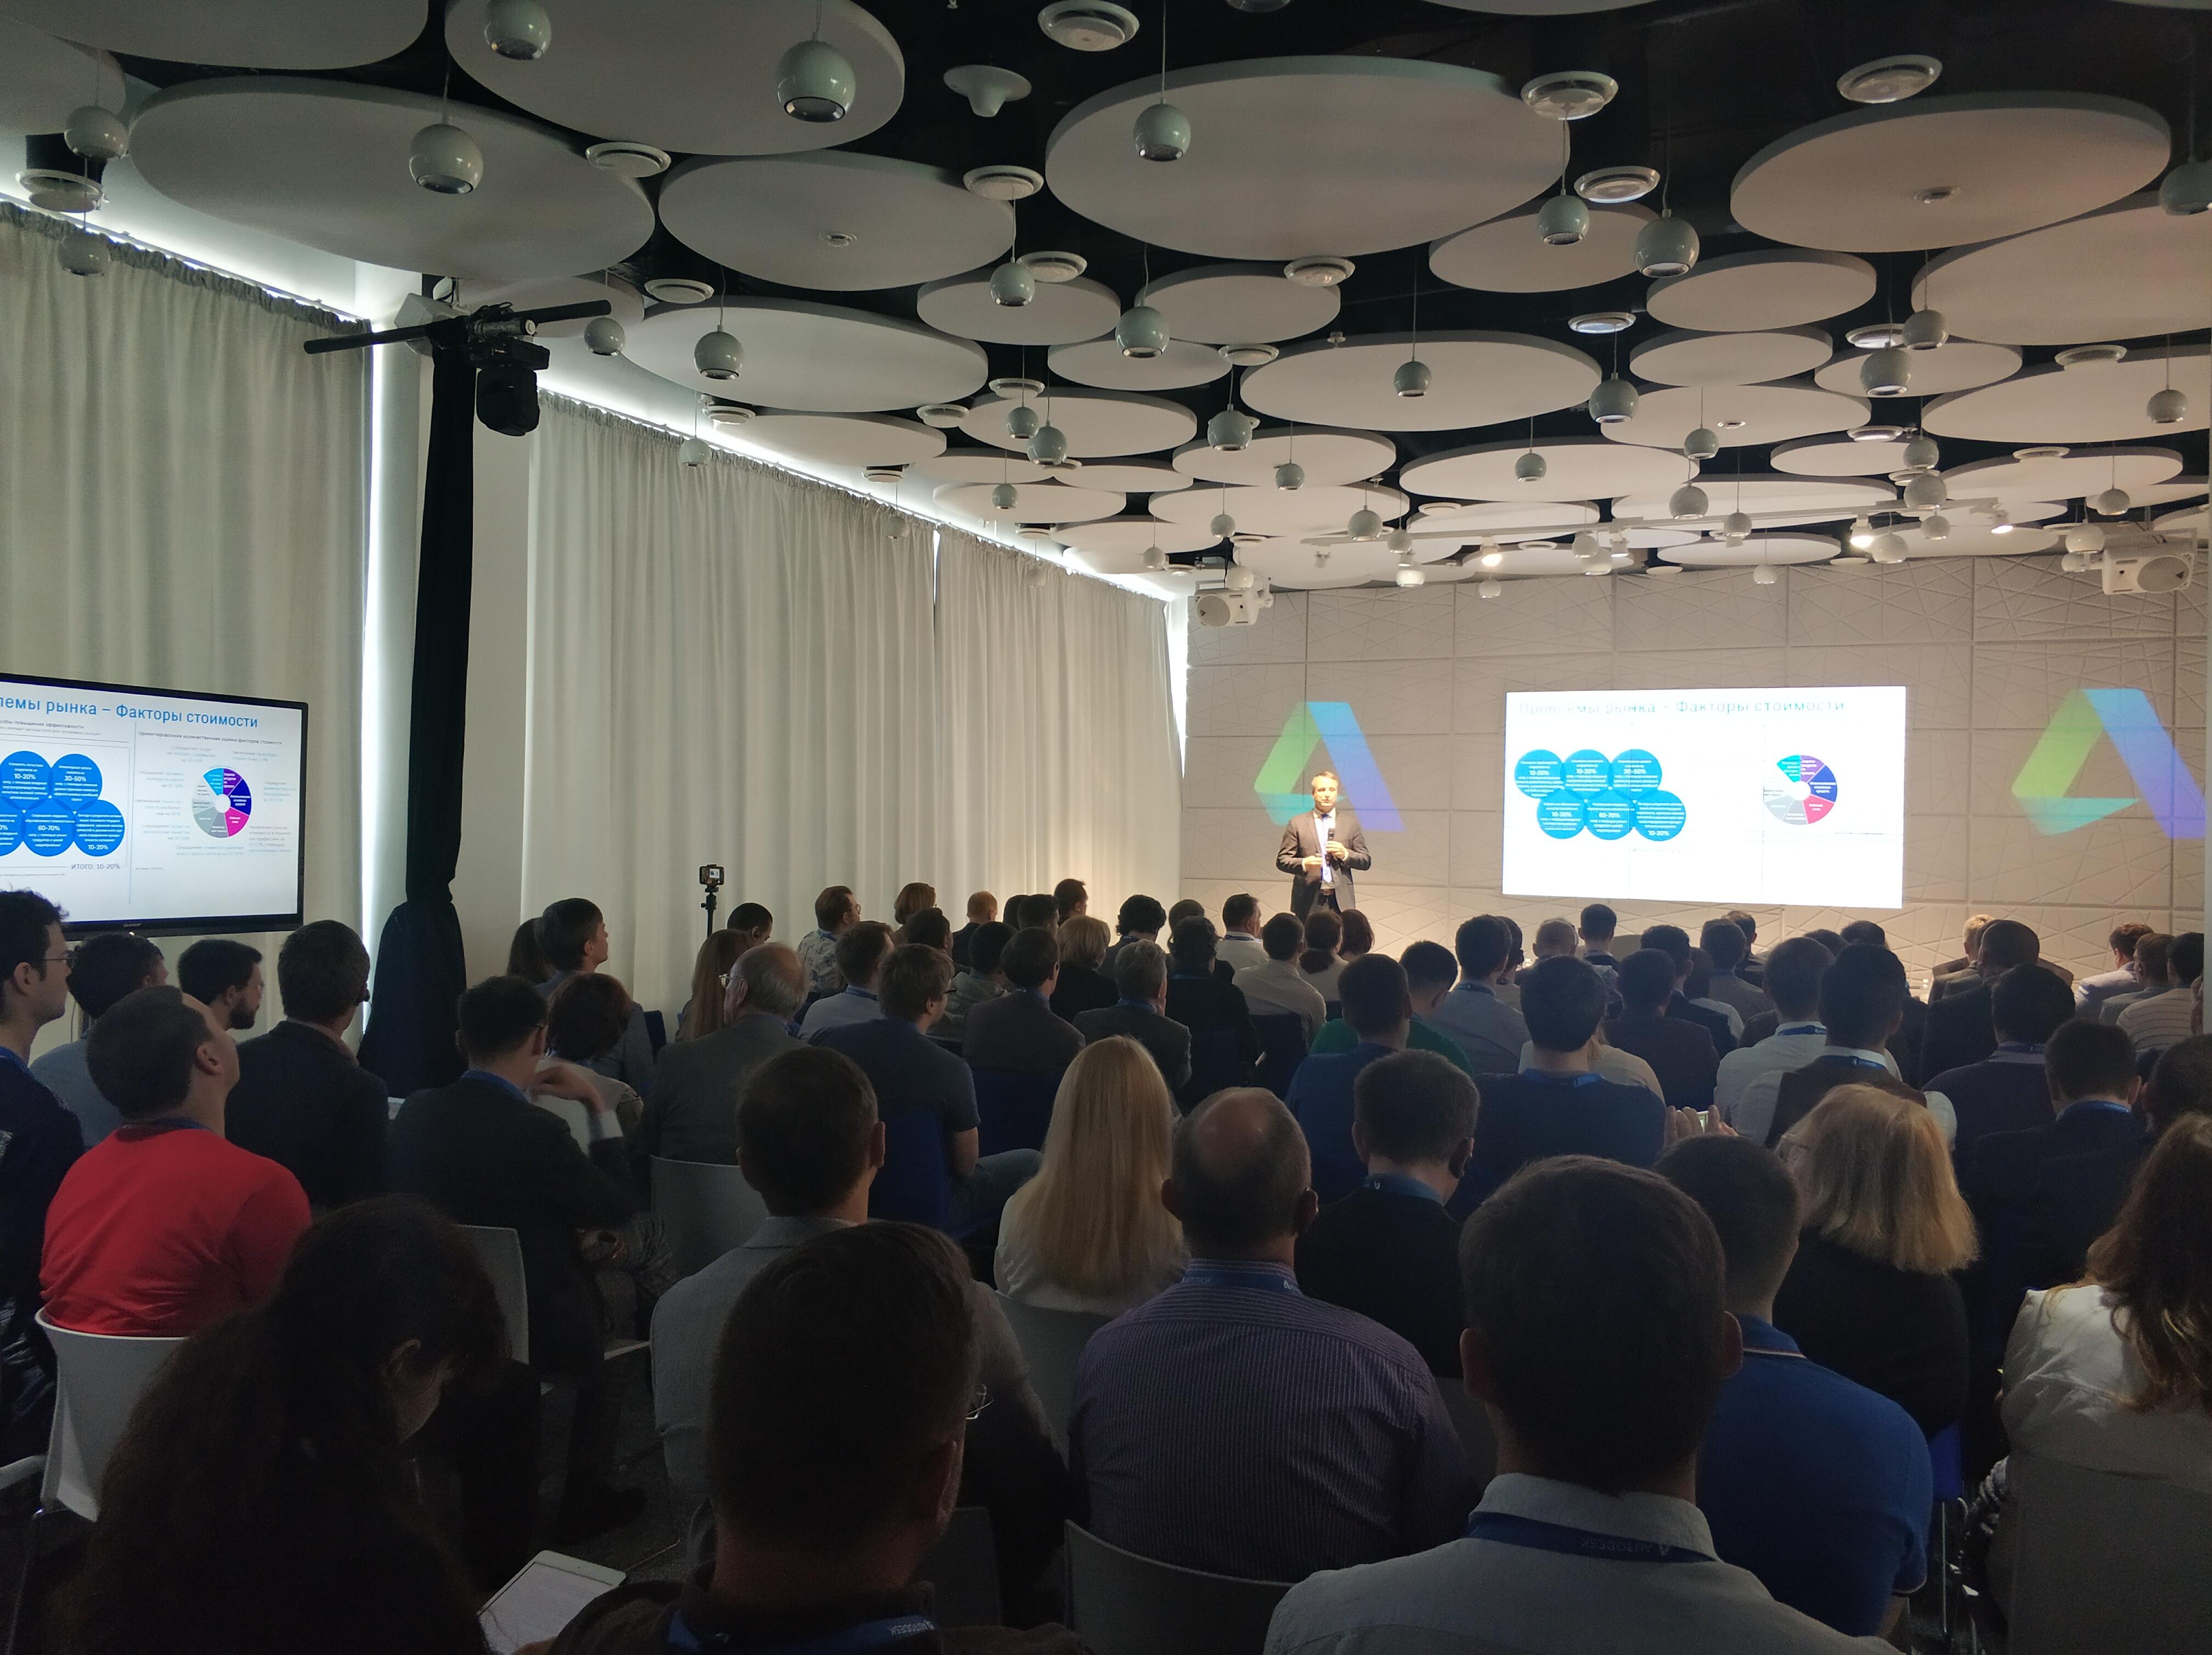 Университет Минстроя НИИСФ РААСН принял участие в конференции Autodesk «Создание объектов будущего»